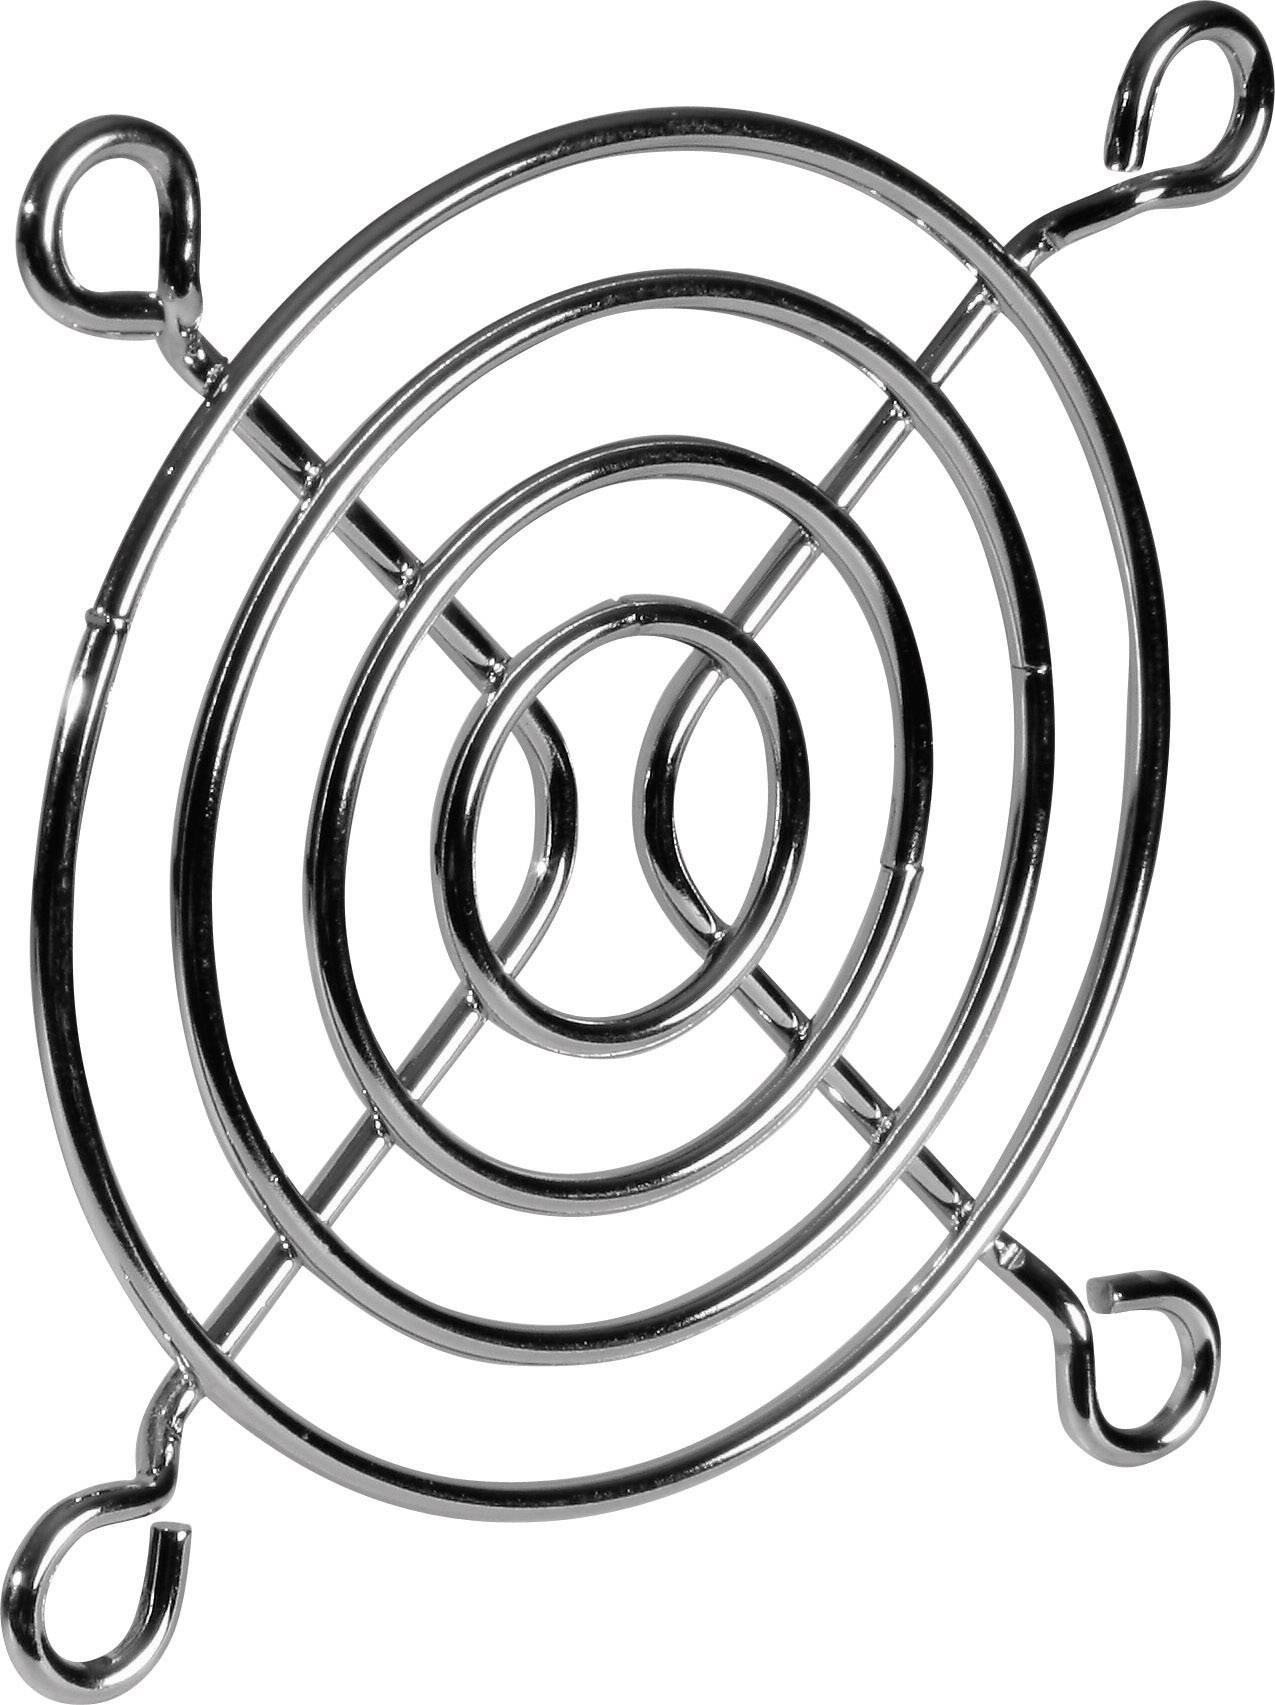 Ochranná mřížka ventilátoru SEPA FG50, 50 mm x 50 mm